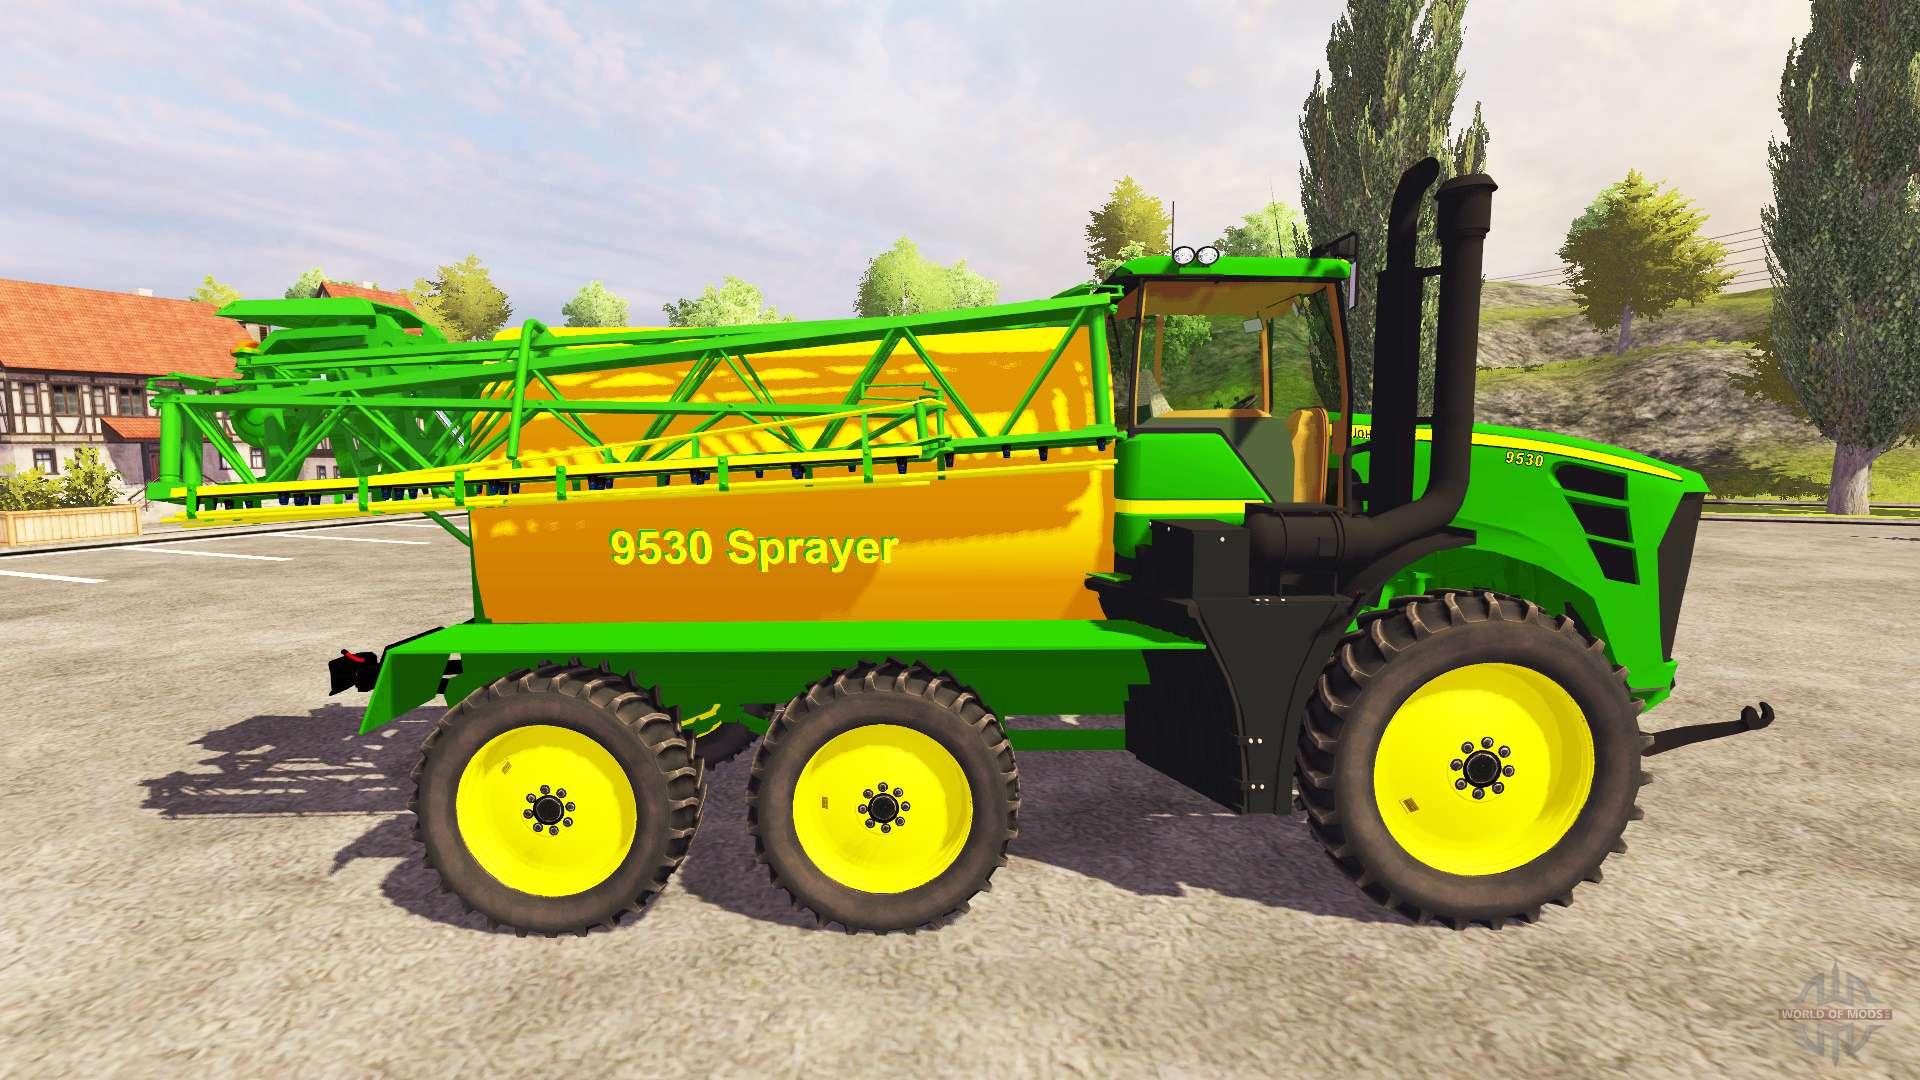 John Deere 9530 sprayer for Farming